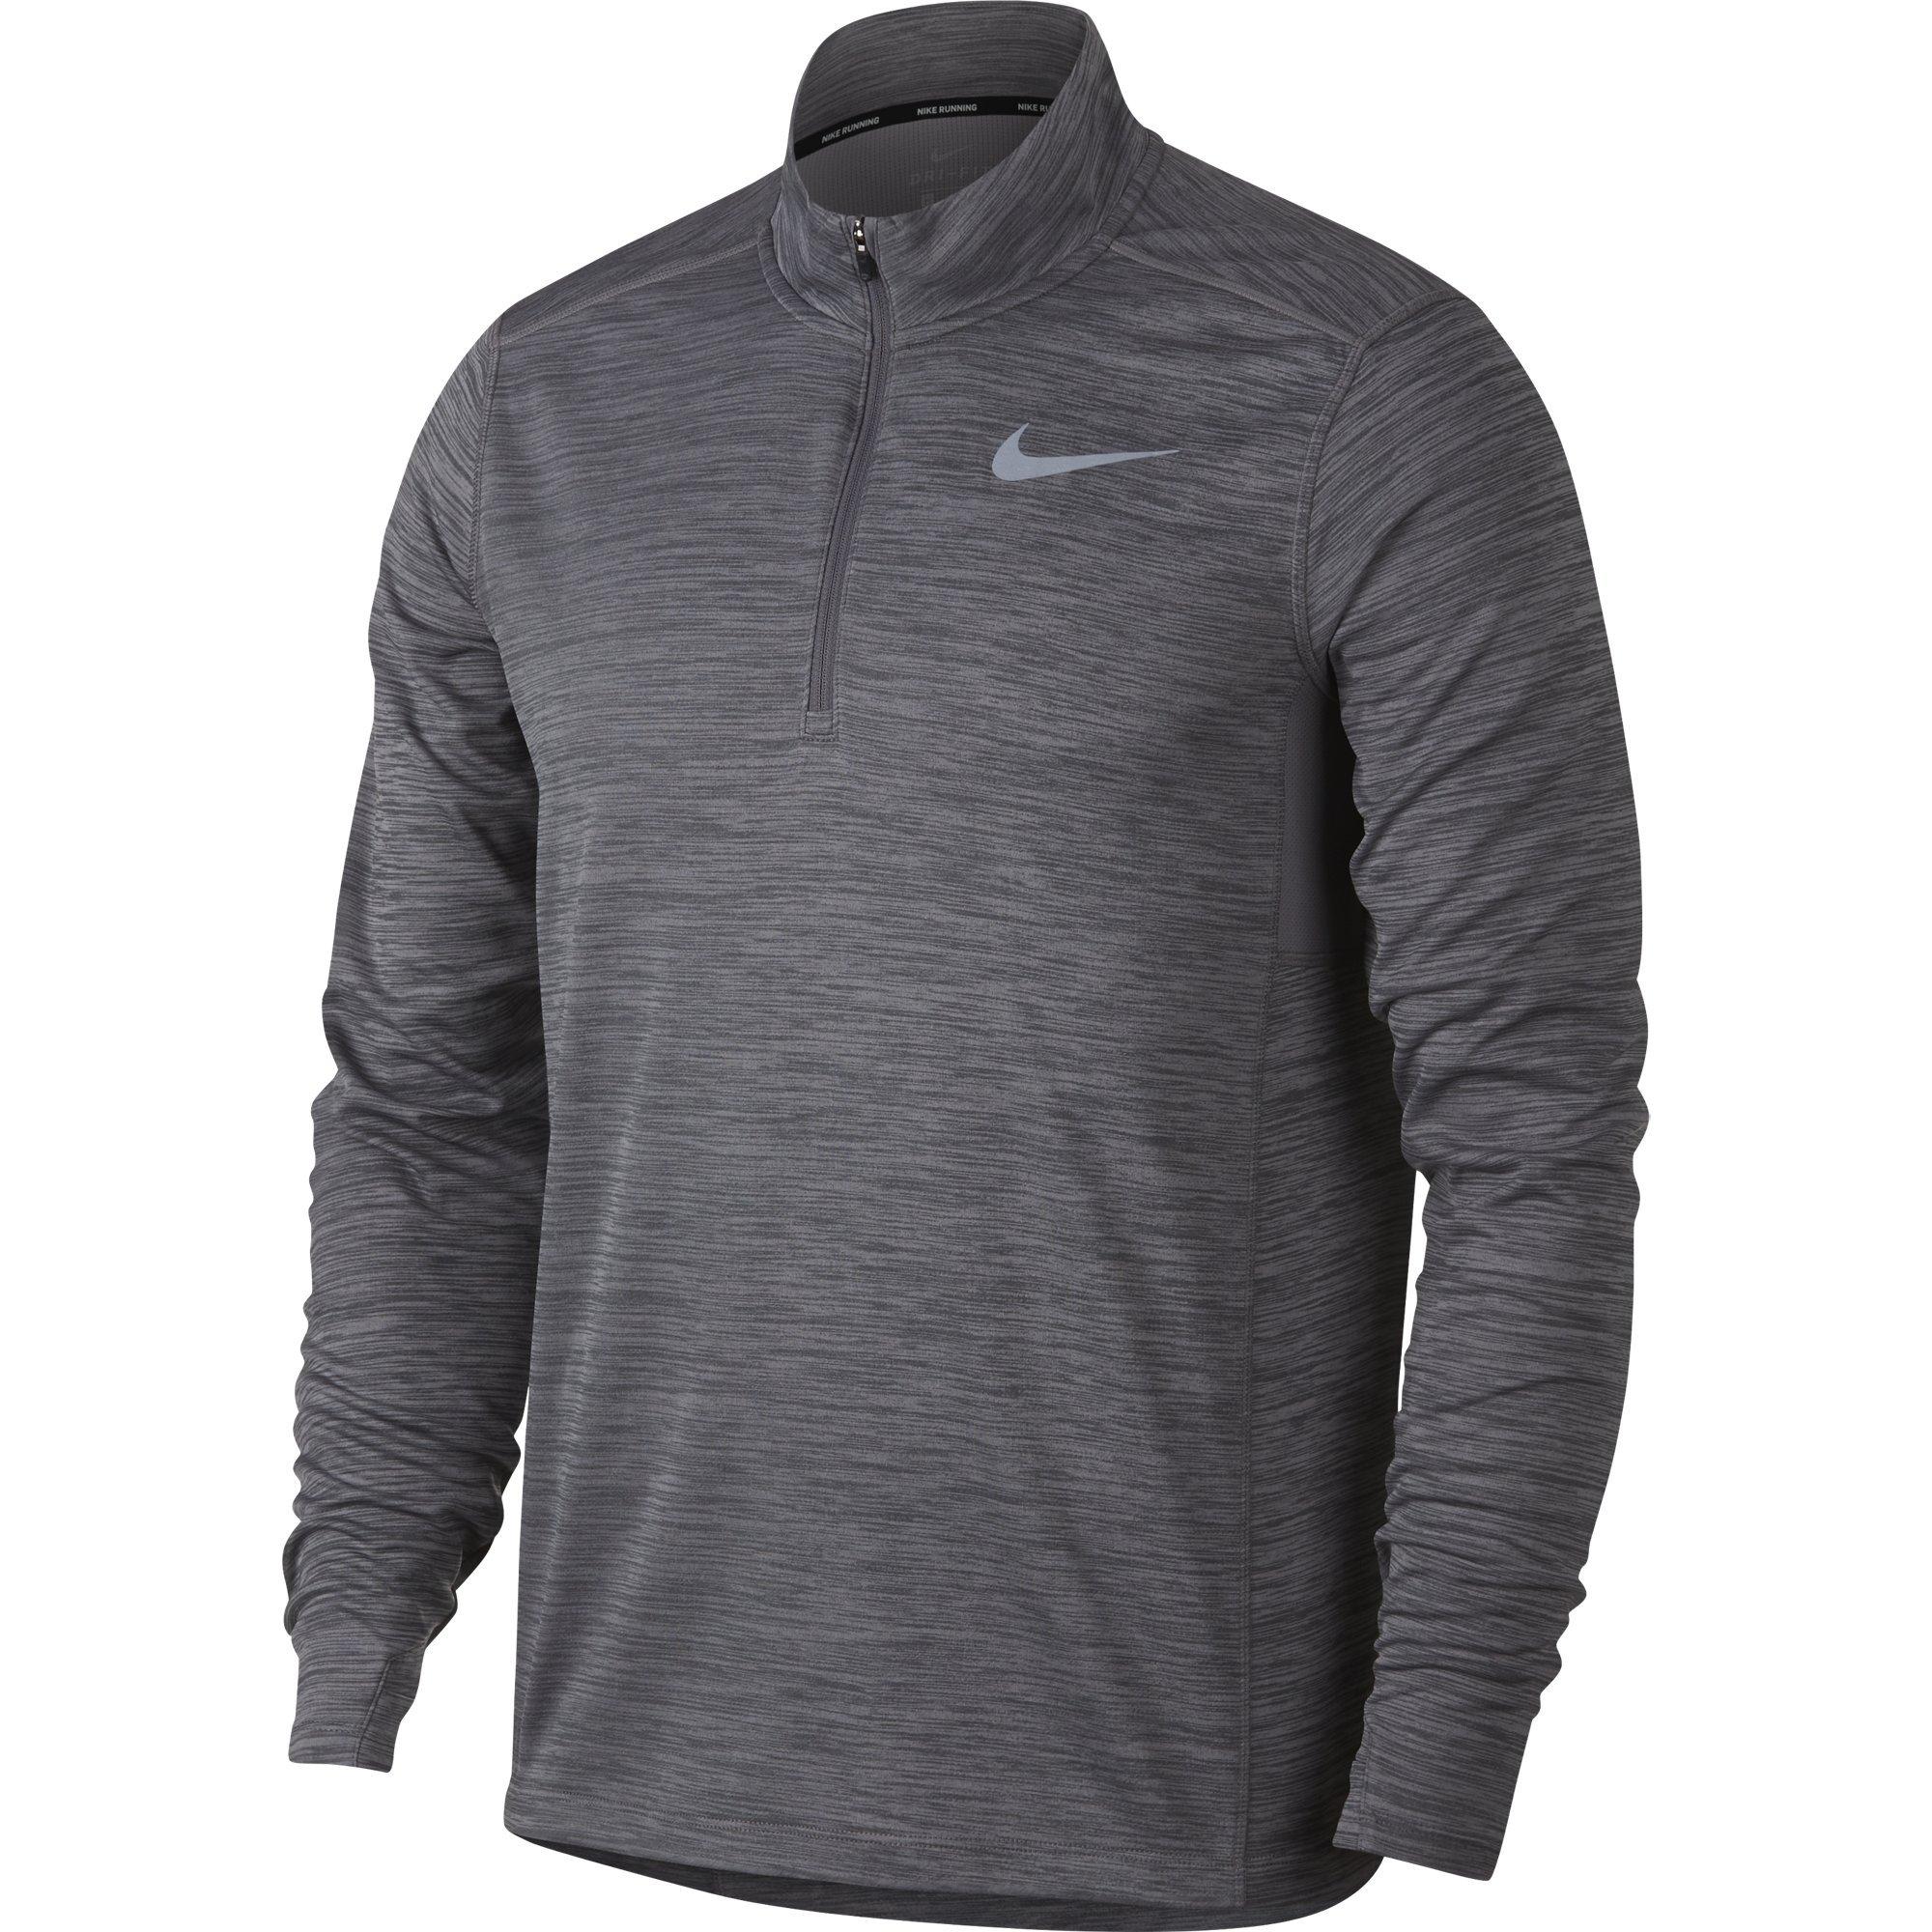 NIKE Men's Pacer Half-Zip Top, Gunsmoke/Heather, Large by Nike